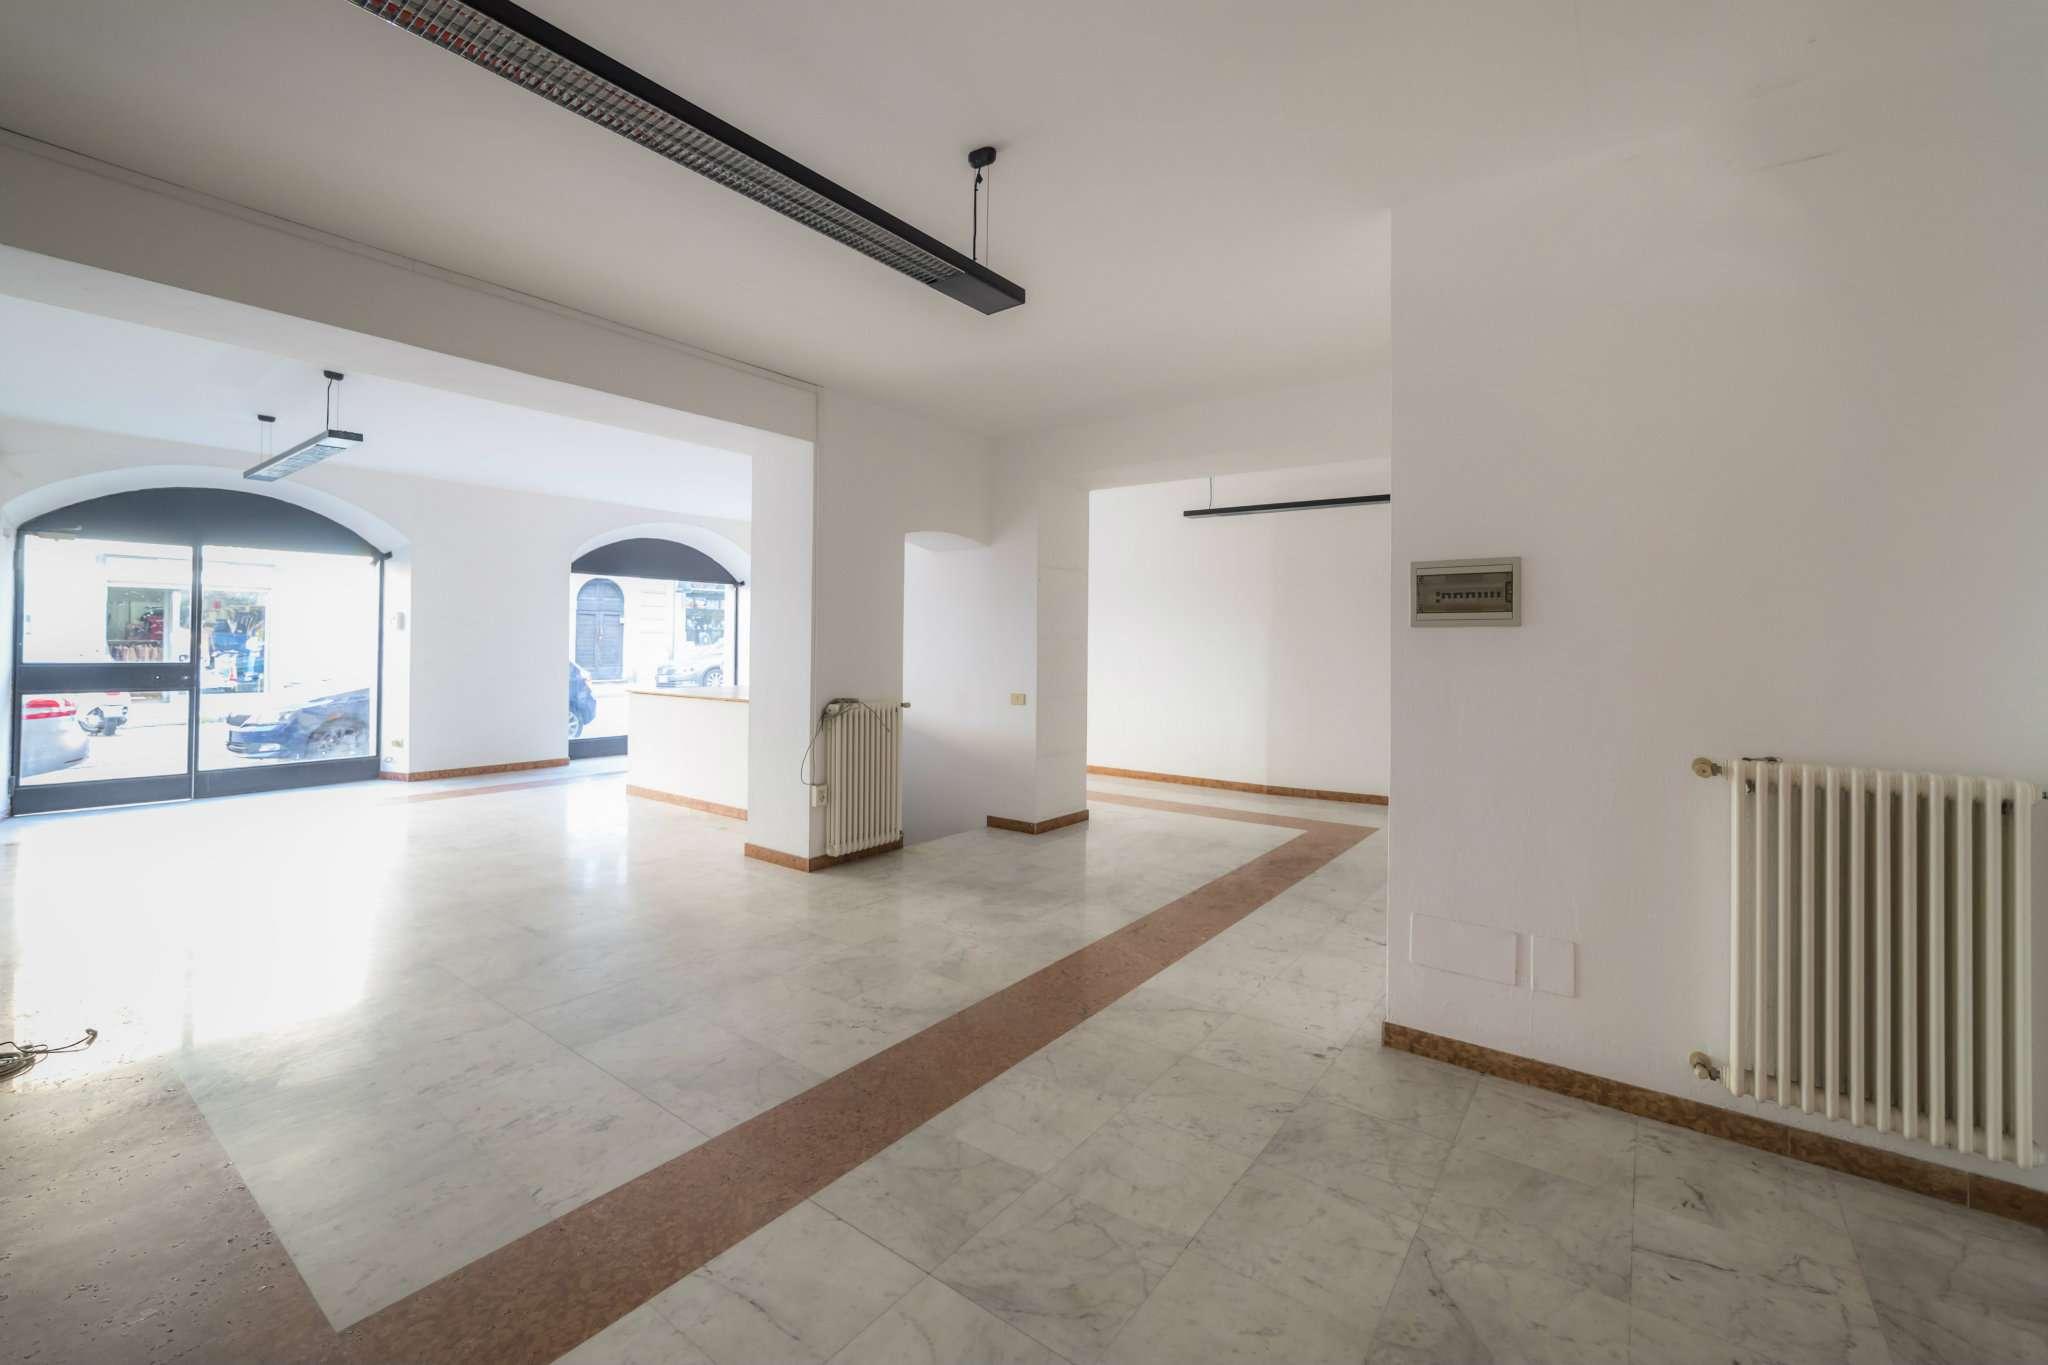 Negozio / Locale in vendita a Bergamo, 1 locali, prezzo € 335.000 | Cambio Casa.it